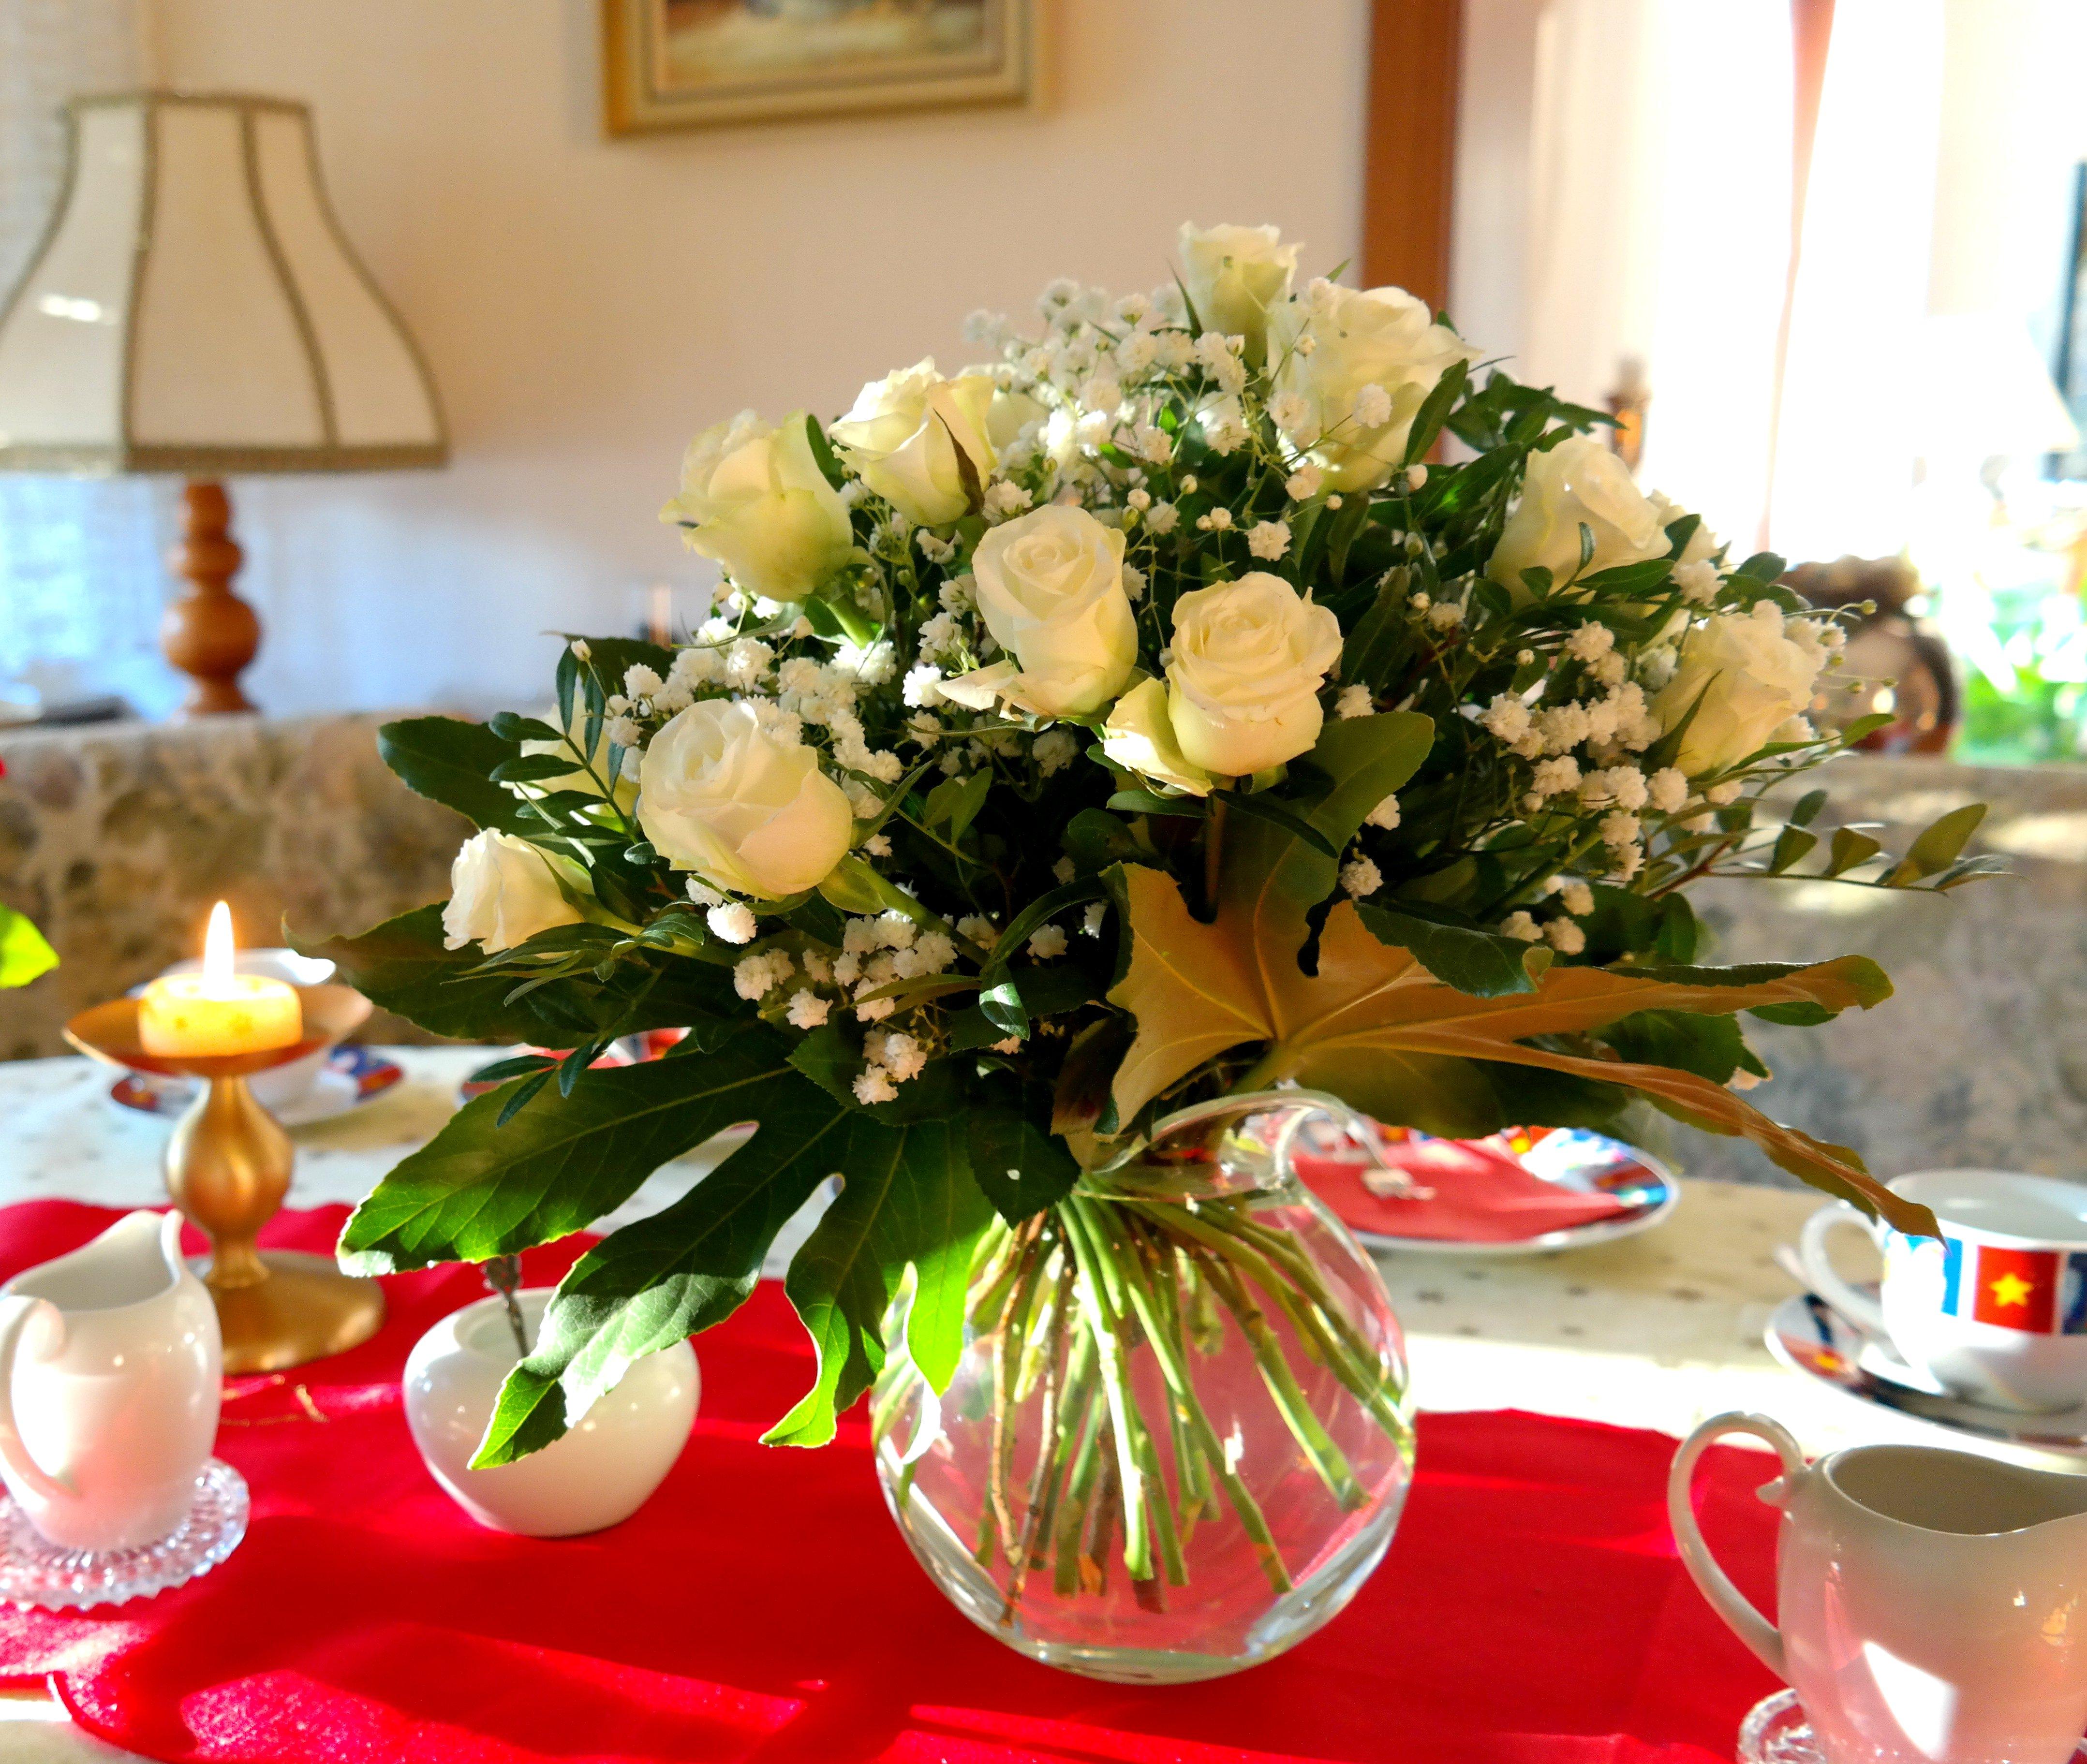 Ce flori oferim pentru a ne cere scuze